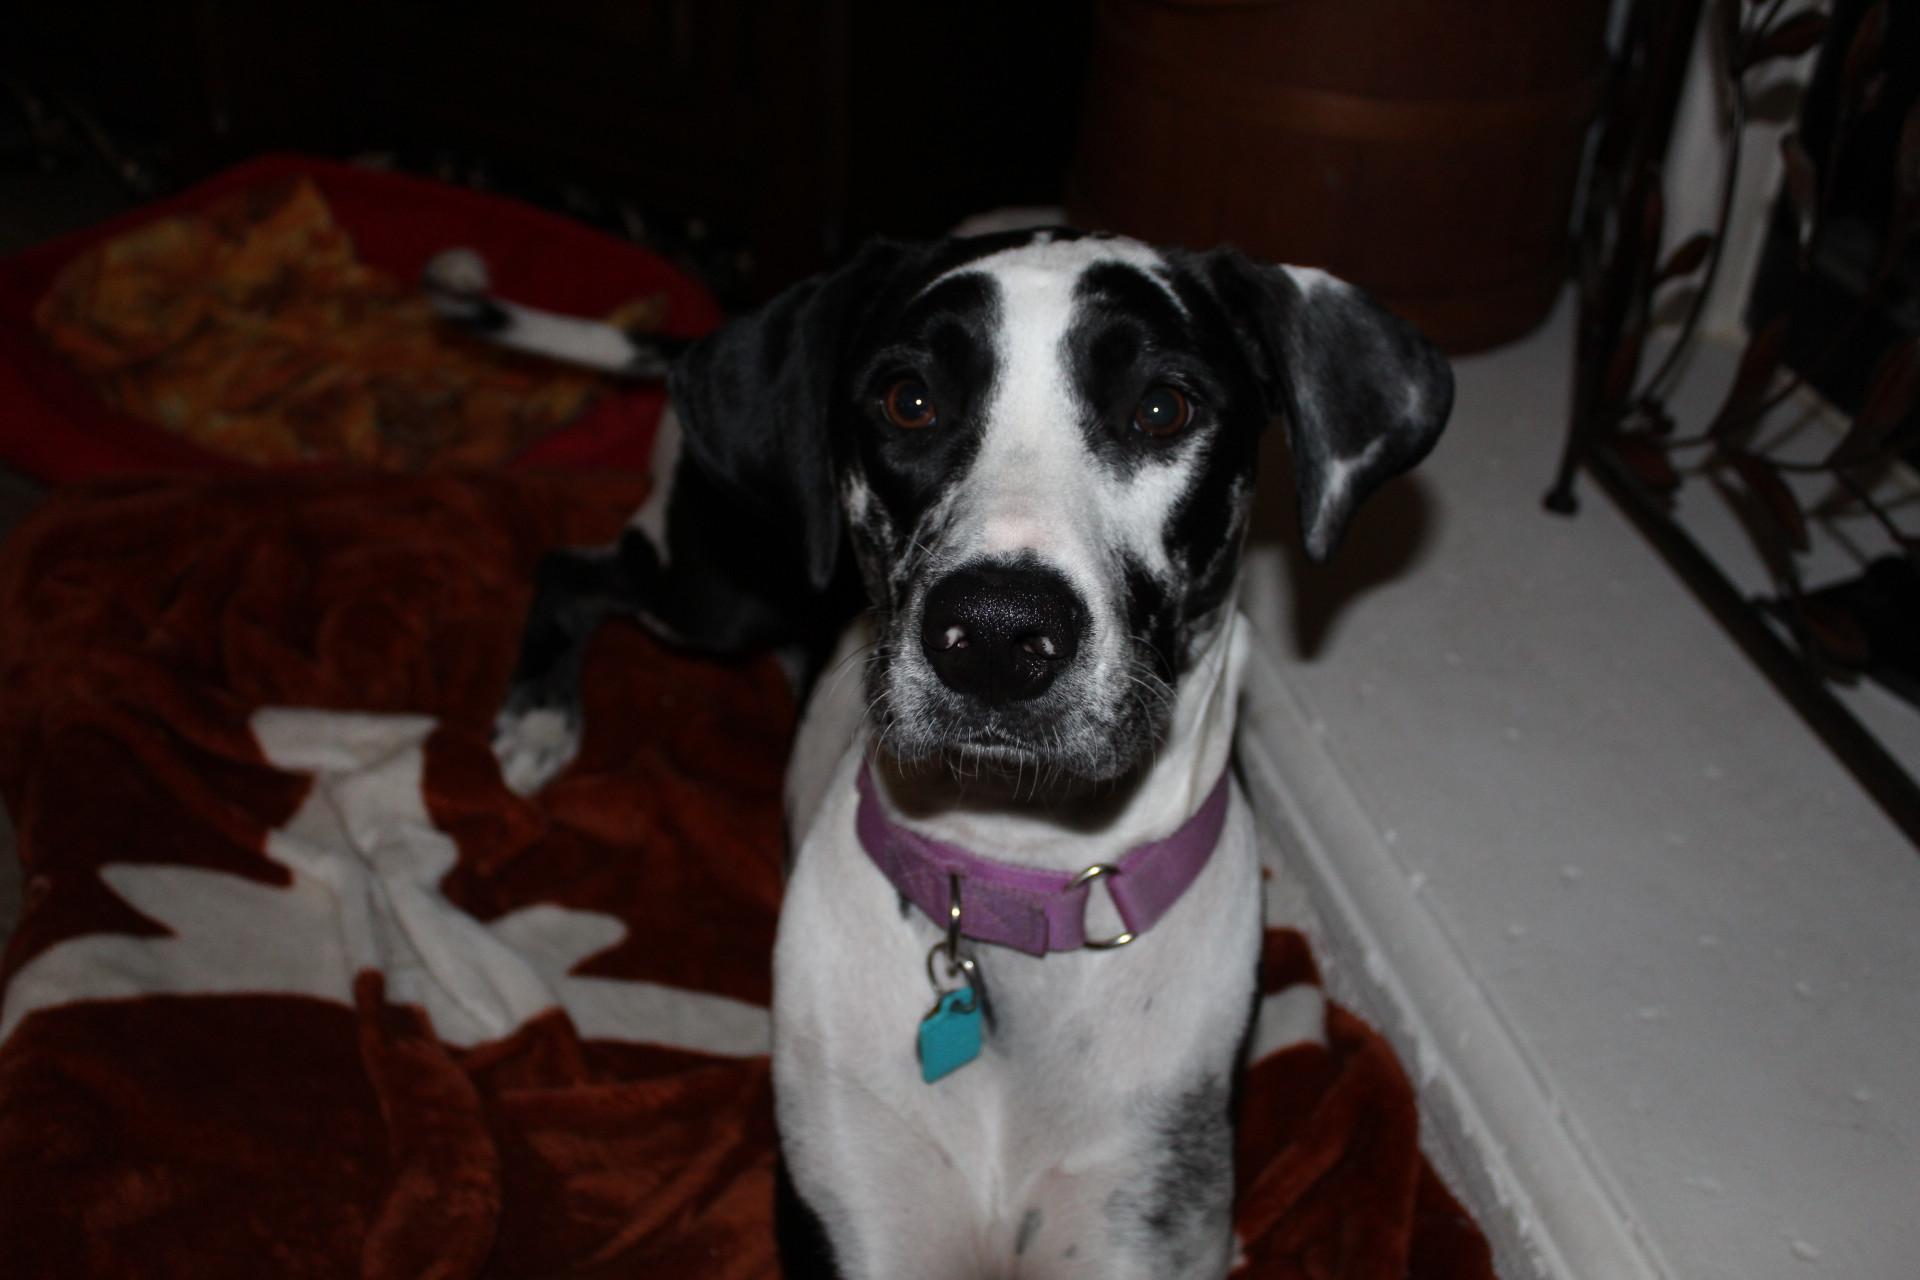 House Sitting: Additional Dog